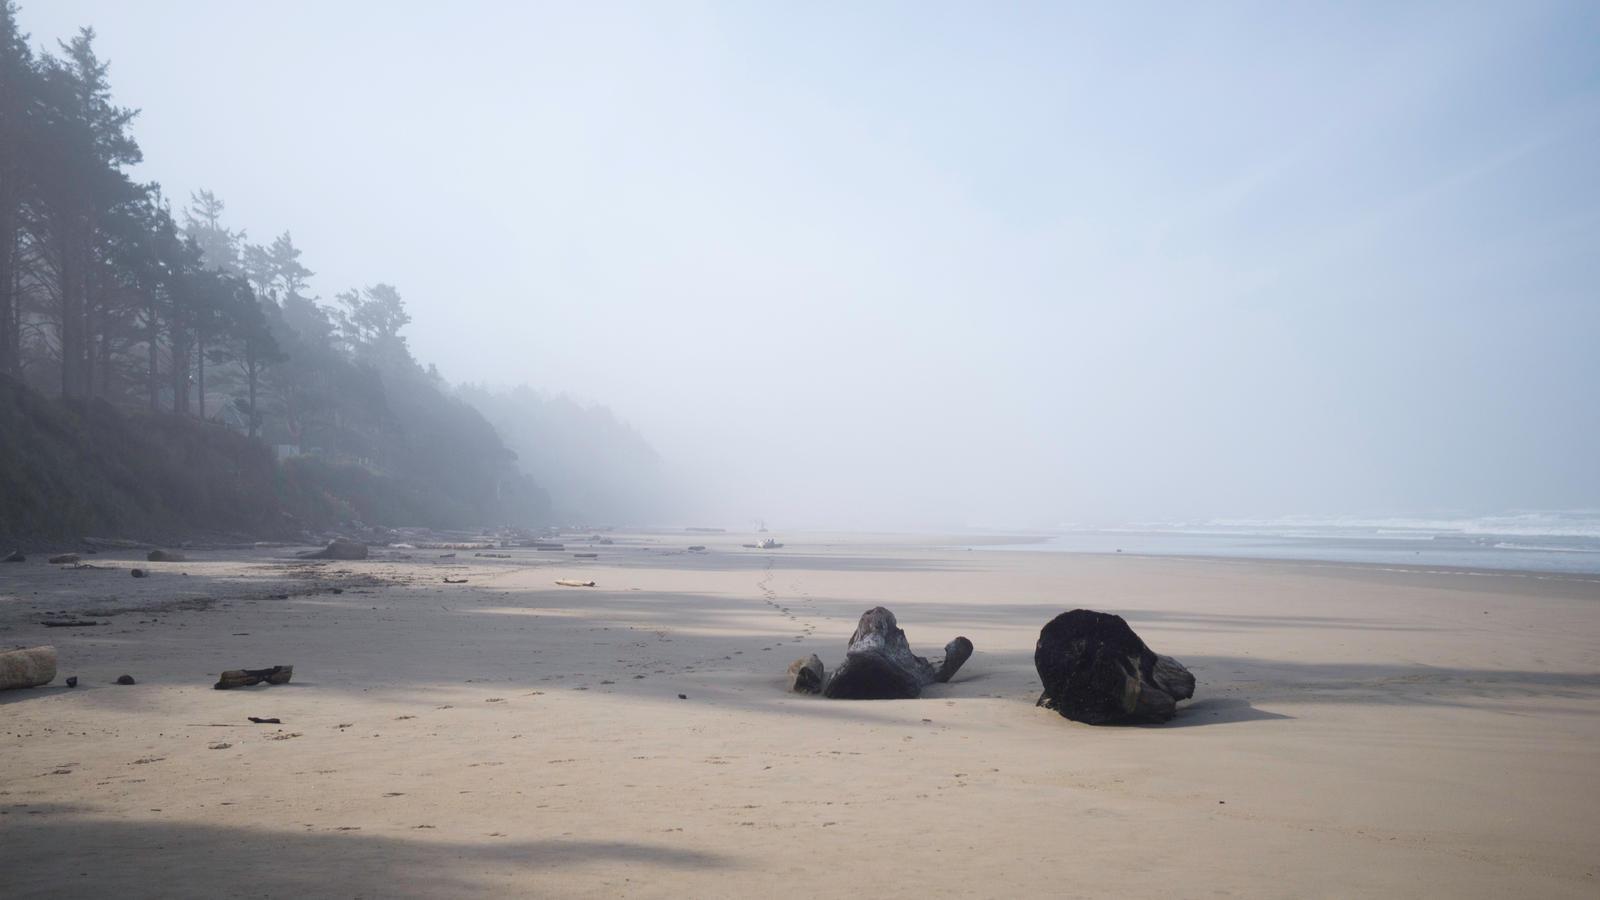 Arcadia Beach by the3dman